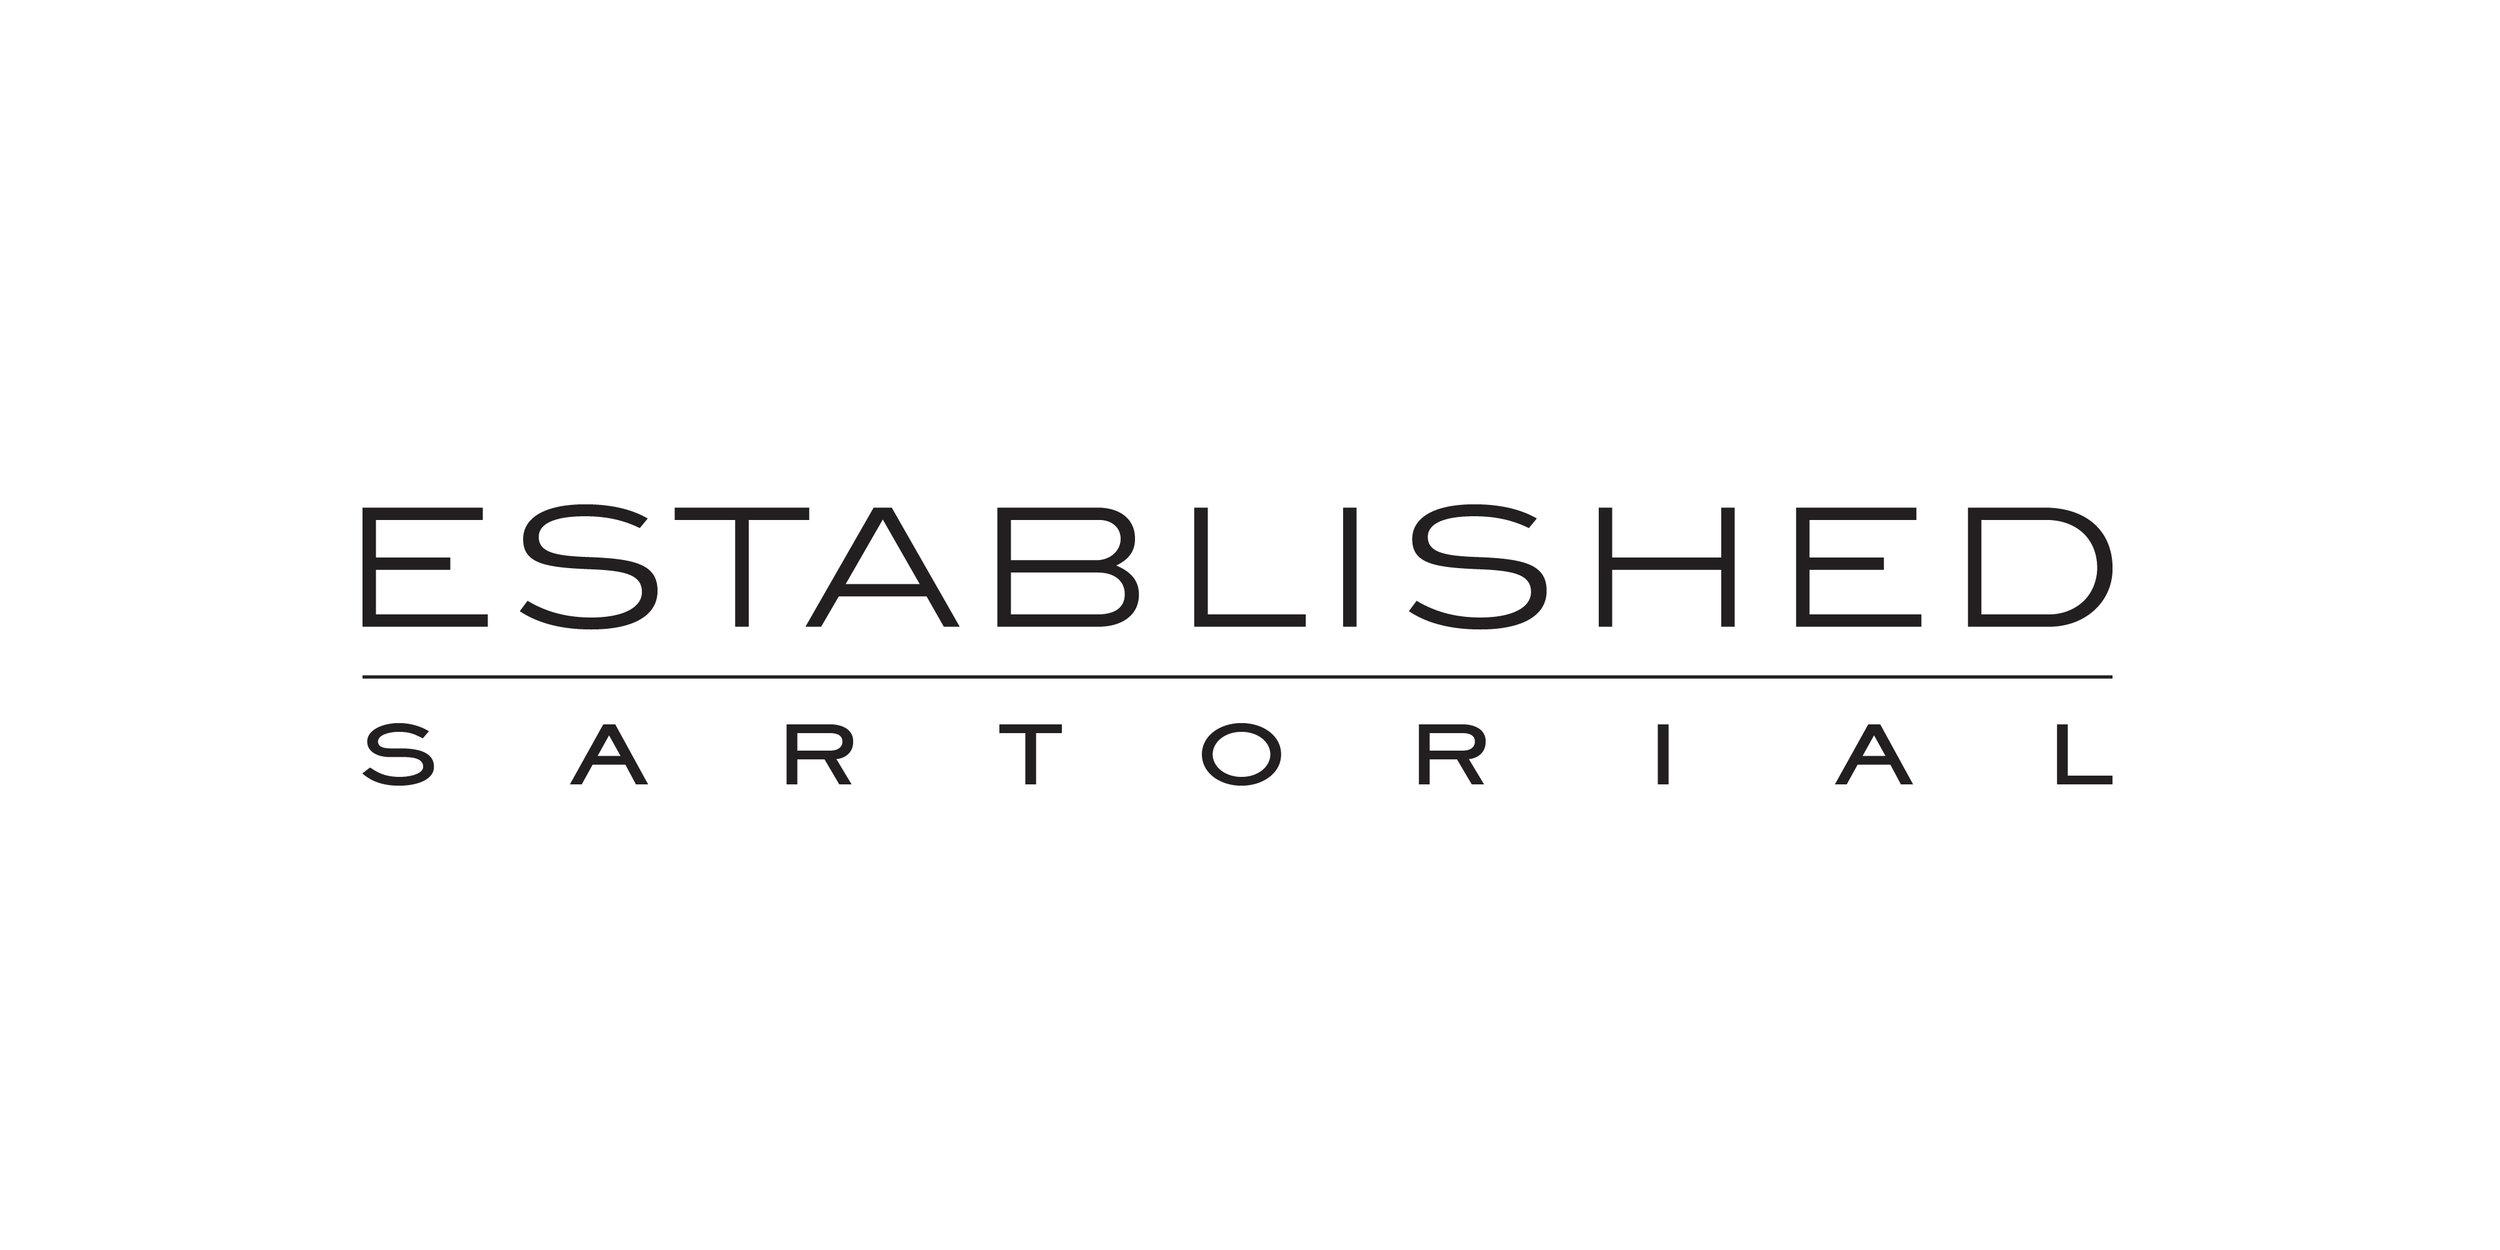 SHIP-port-EST-identity-logo03.jpg